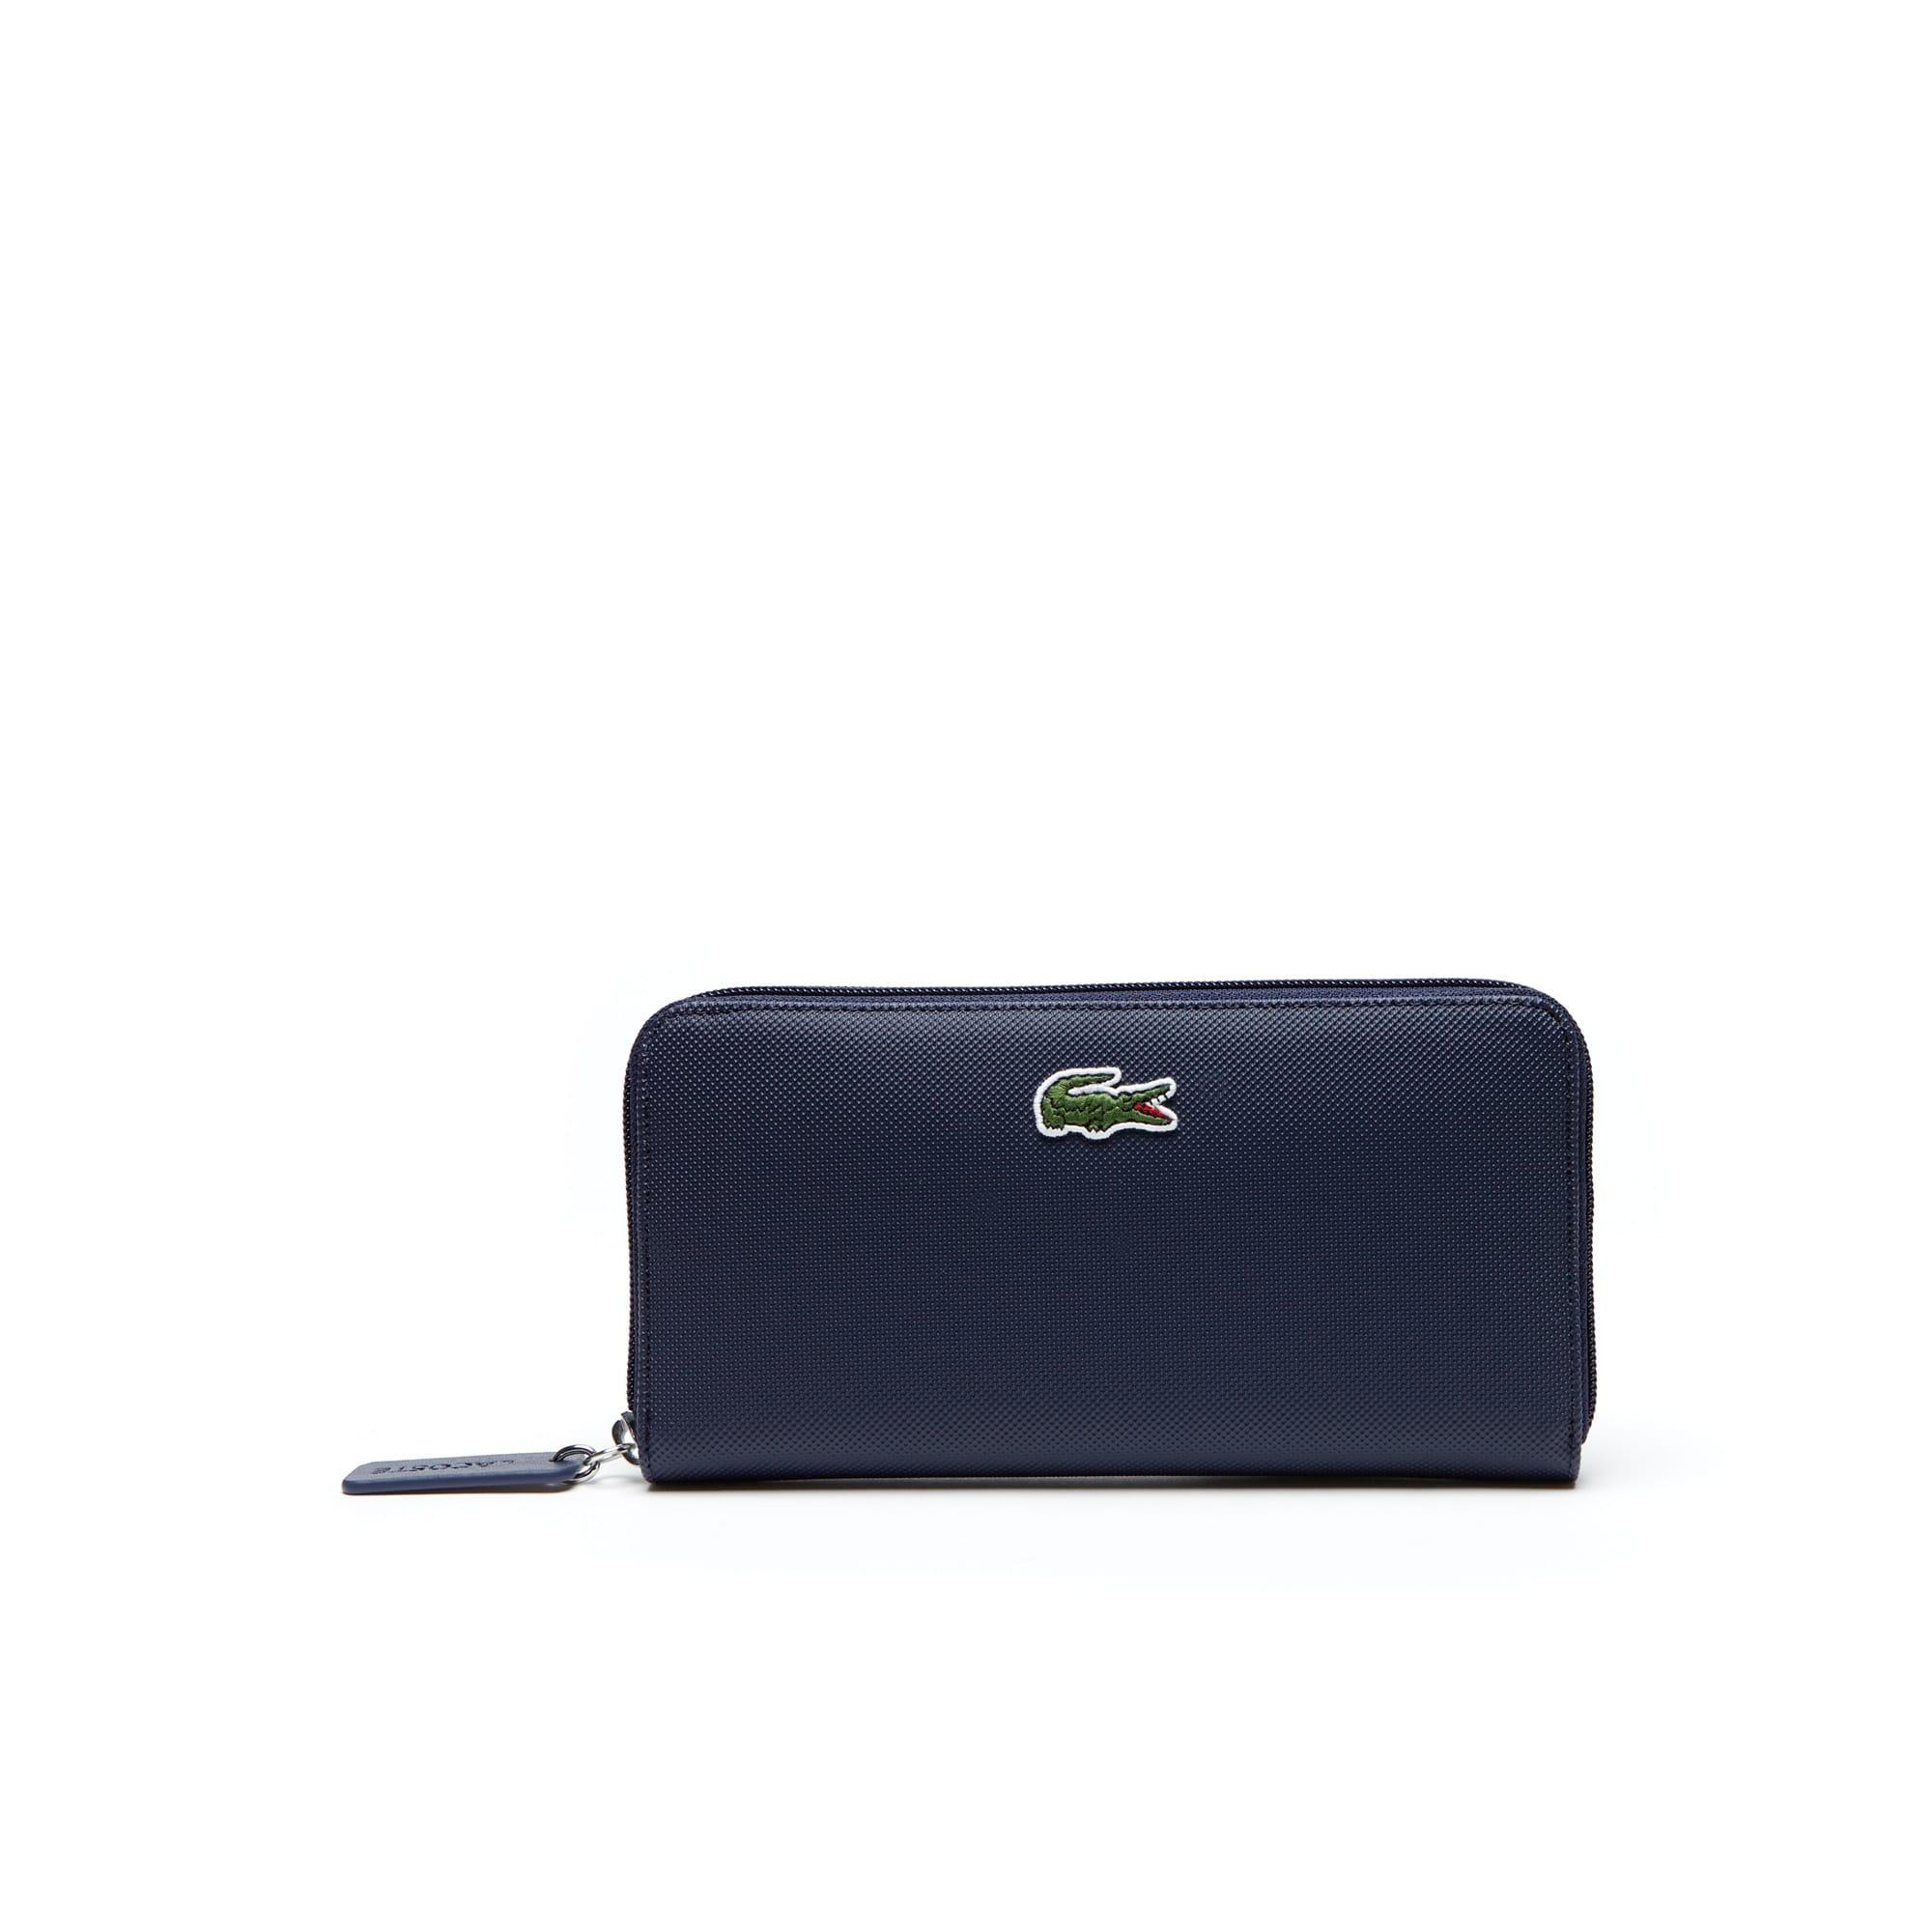 Damen-Brieftasche L.12.12 CONCEPT aus Petit Piqué